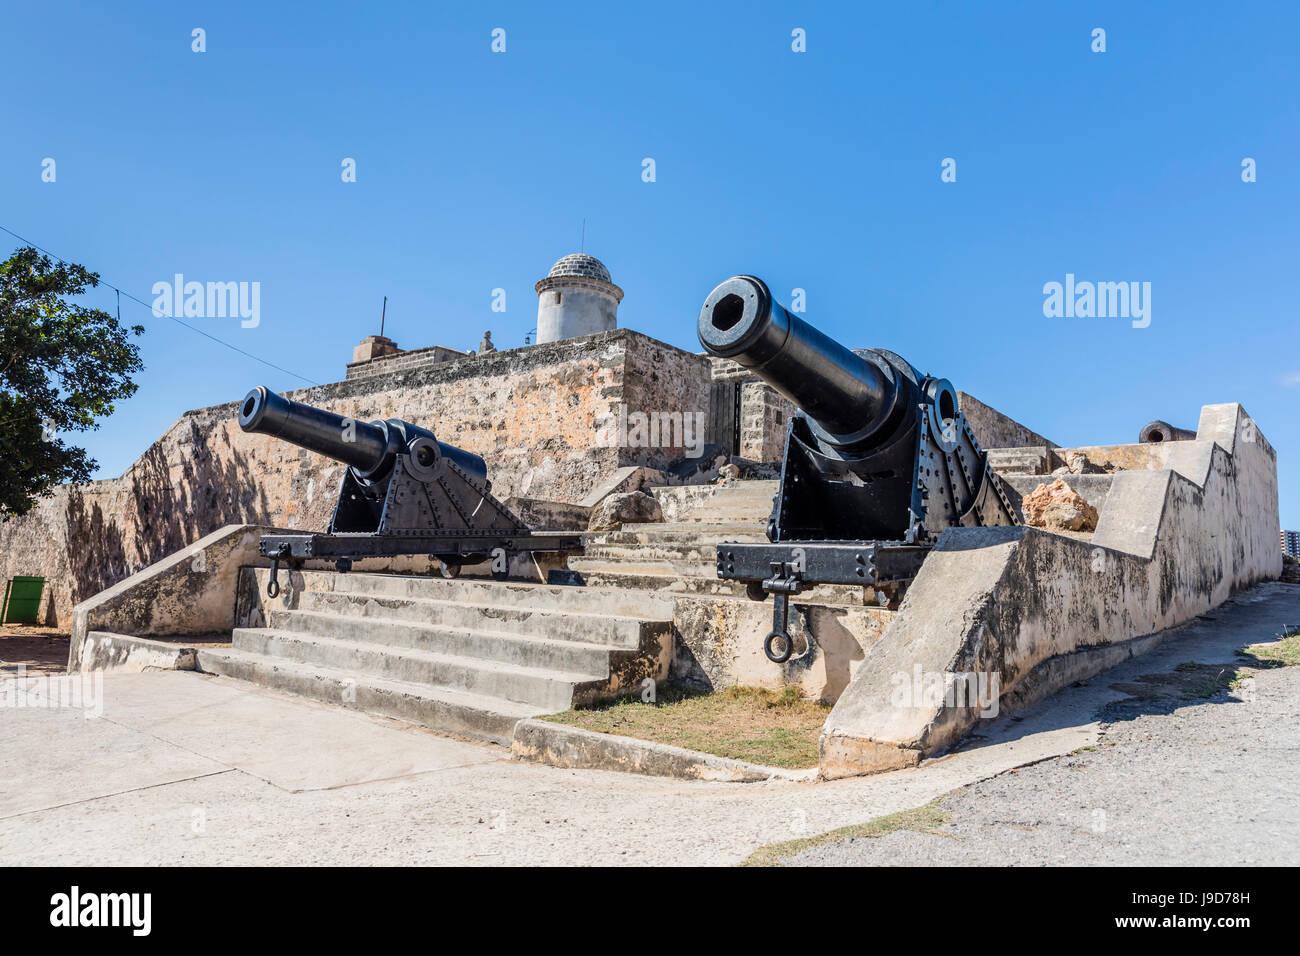 Le Castillo de Jagua, fort érigé en 1742 par le roi Philippe V d'Espagne, près de Cienfuegos, Cuba, Antilles, Caraïbes Banque D'Images